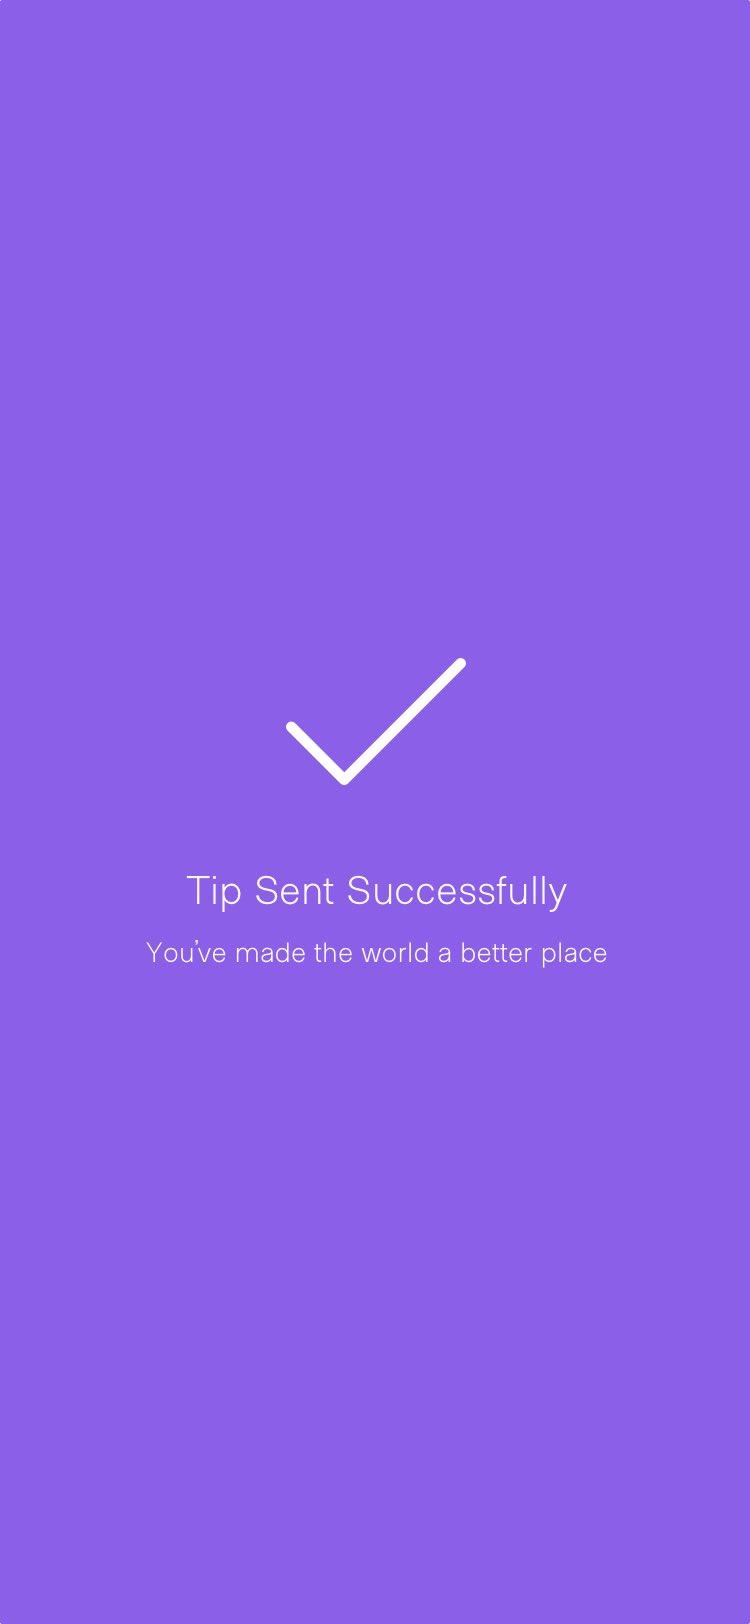 Tipping Screen Success.jpg